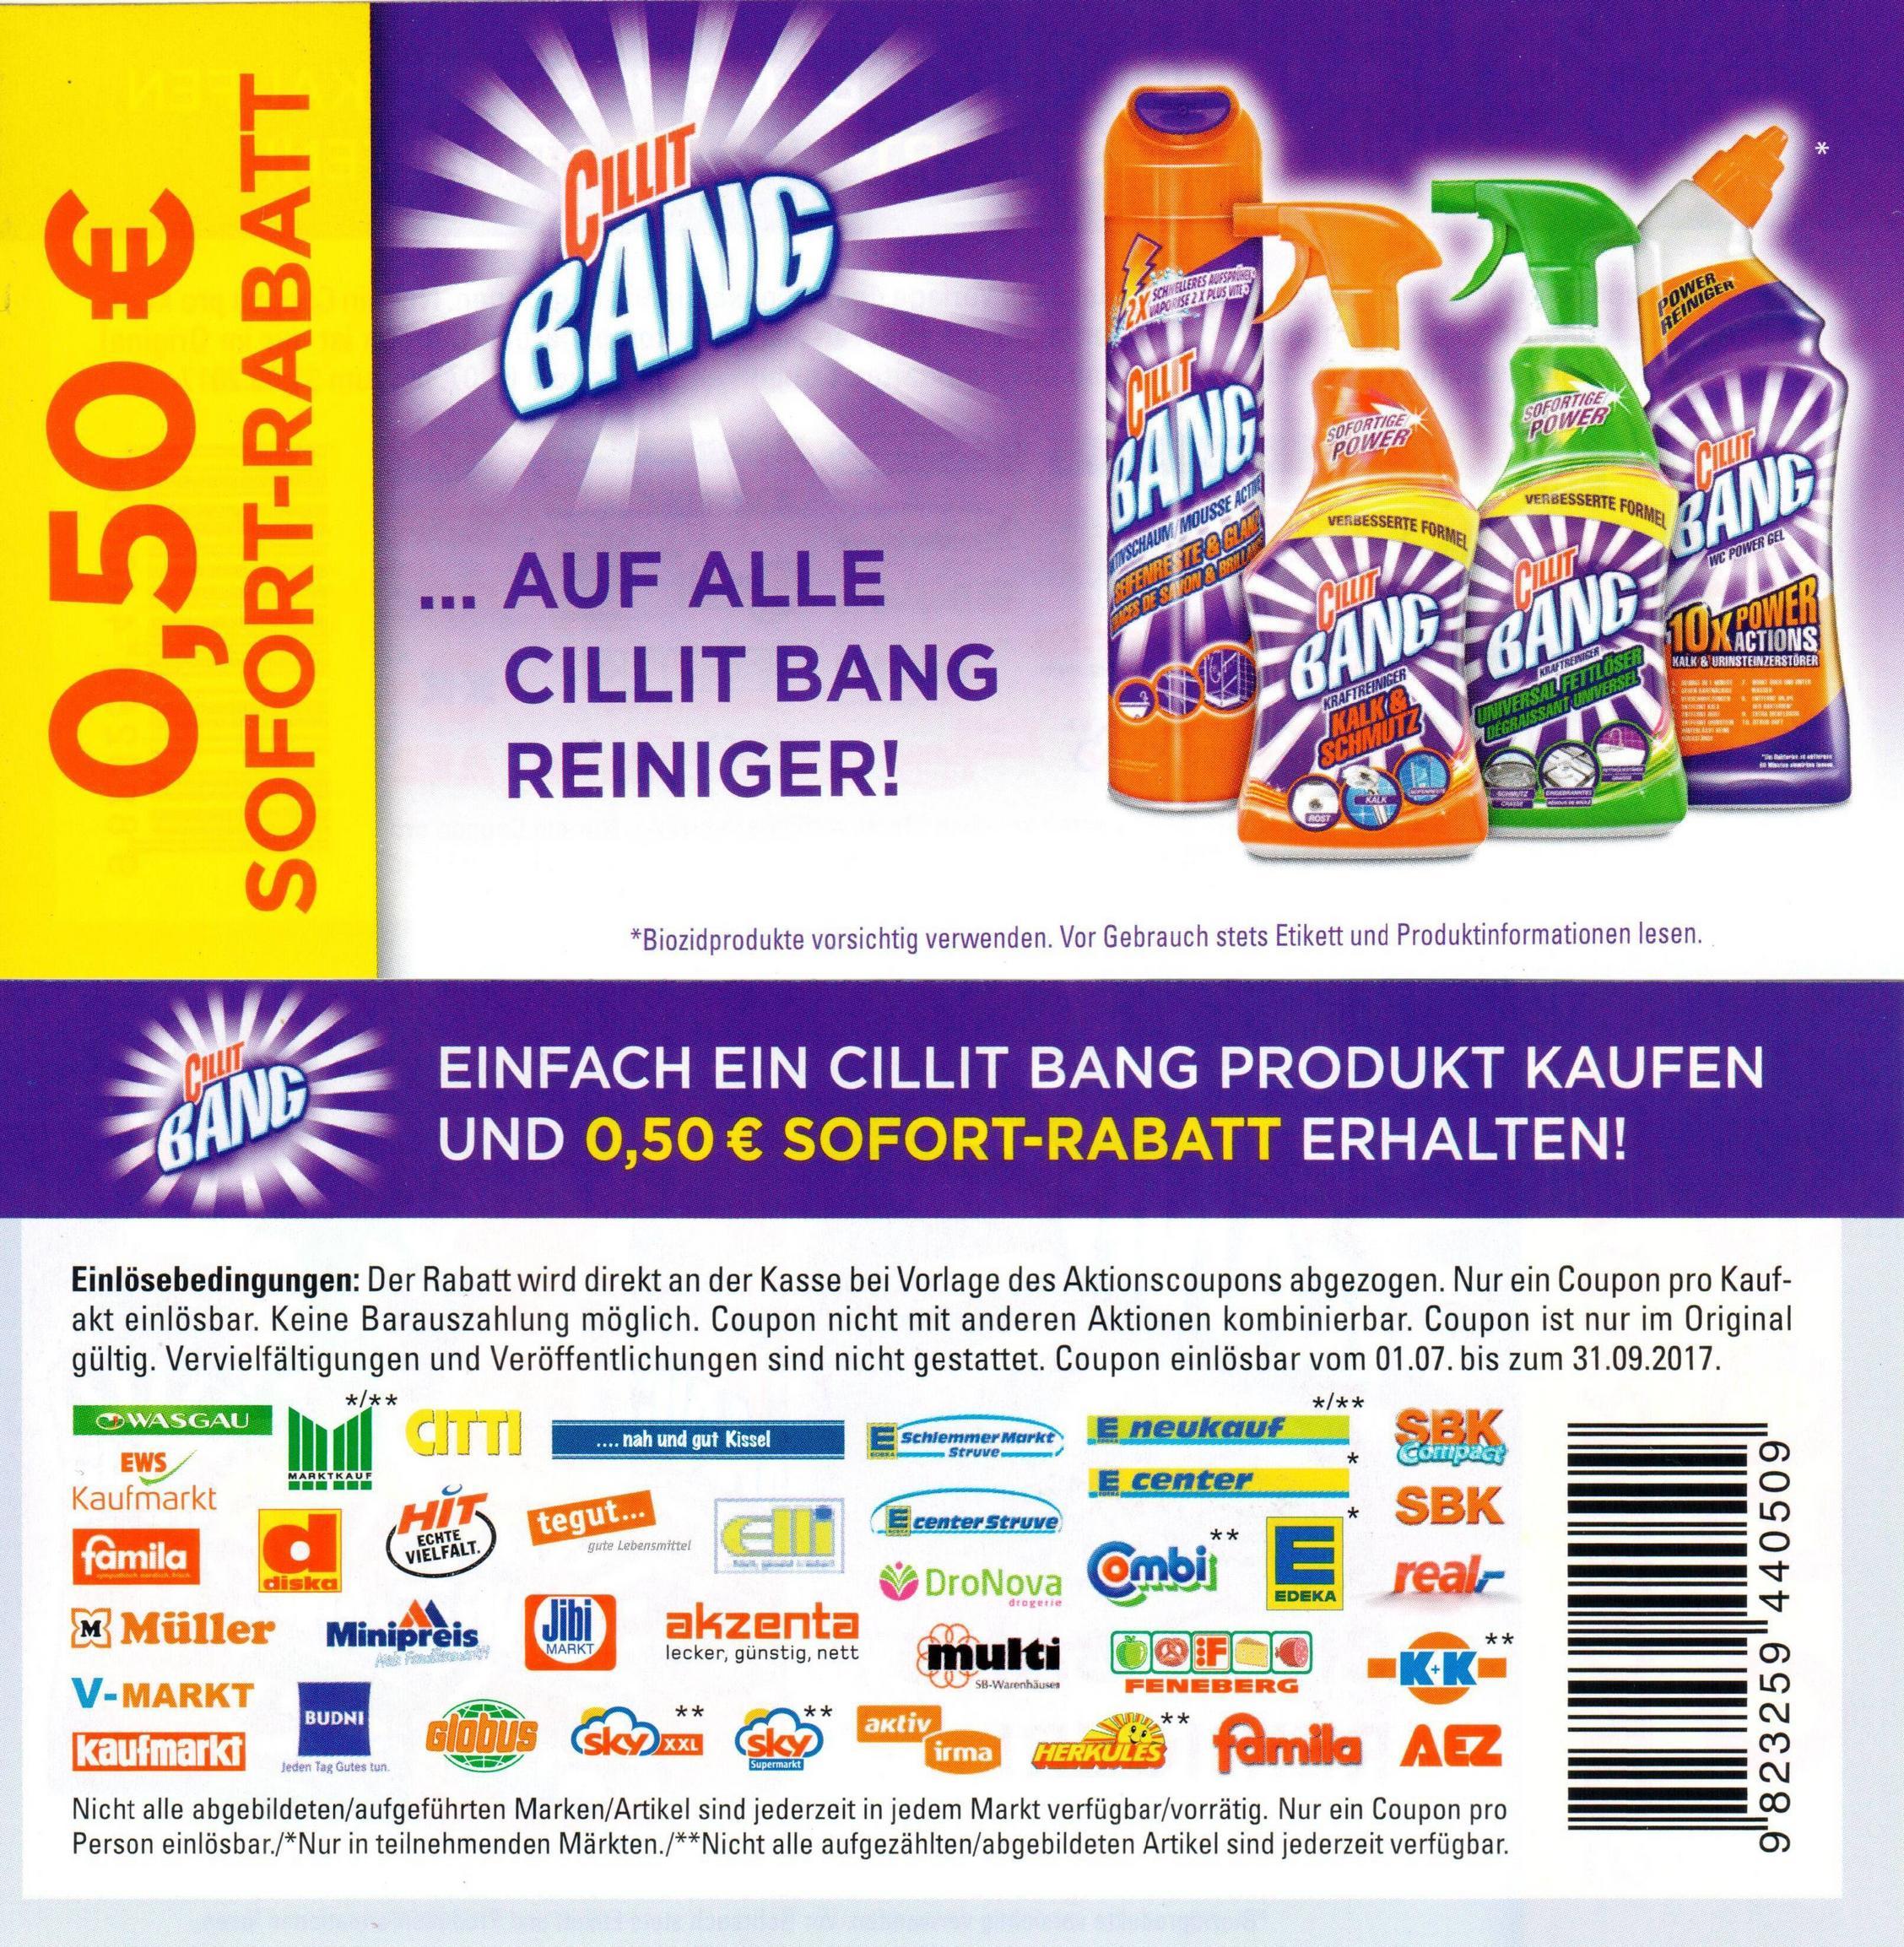 0,50€ Sofort-Rabatt-Coupon für Cillit Bang (alle Reiniger) bis 30.09.2017 [Bundesweit]